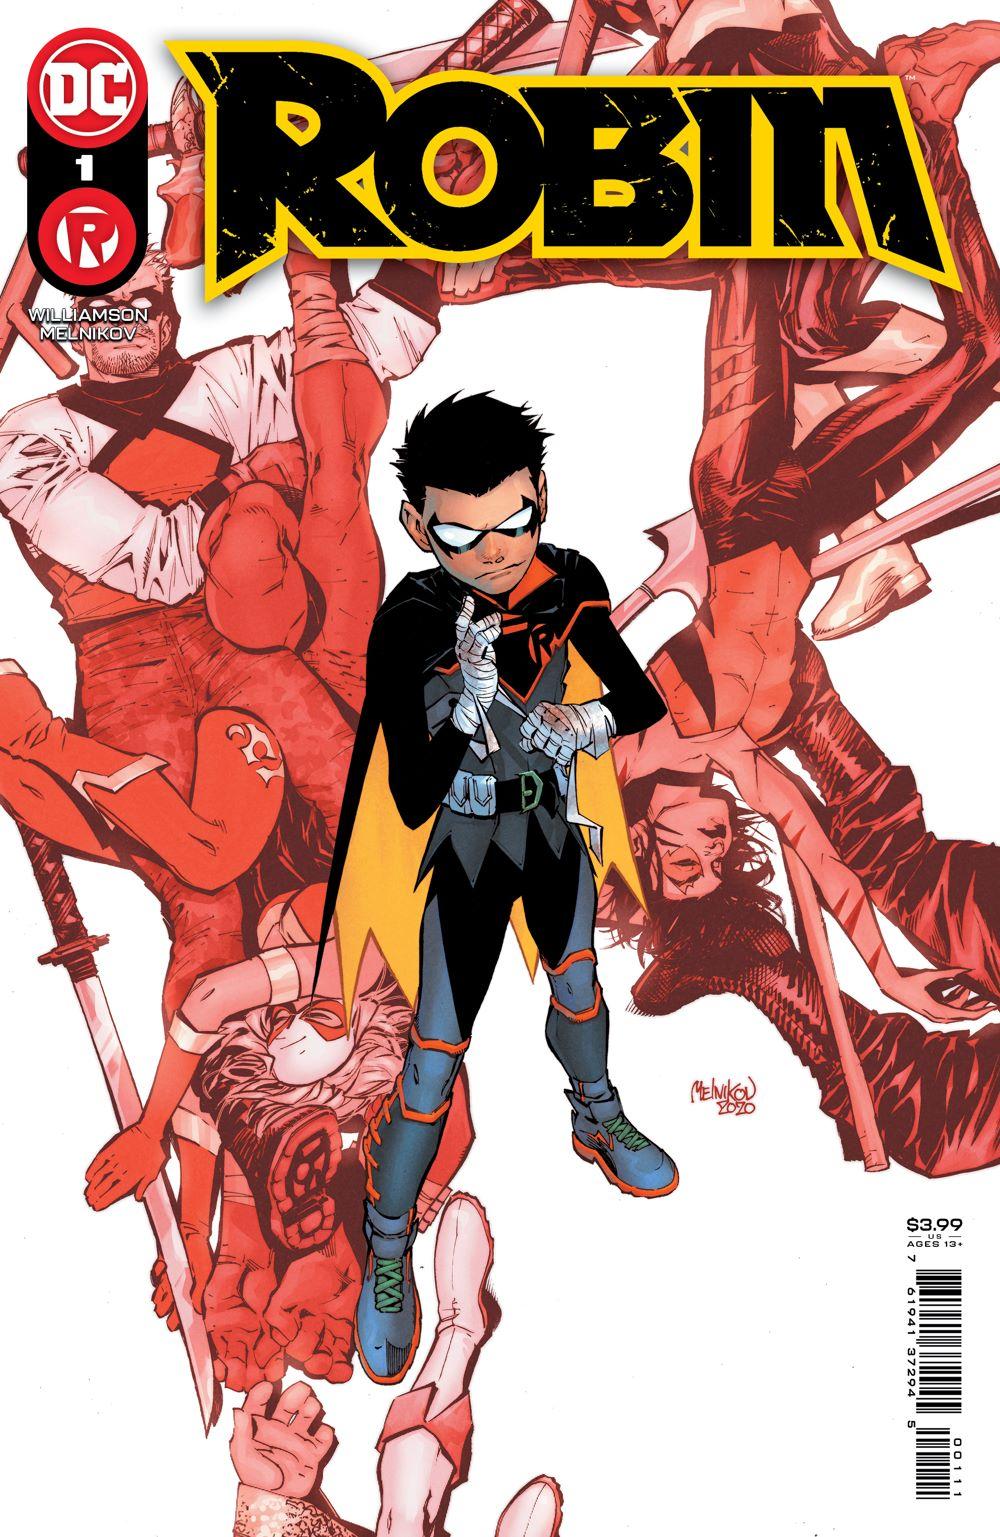 ROBIN_Cv1 DC Comics April 2021 Solicitations